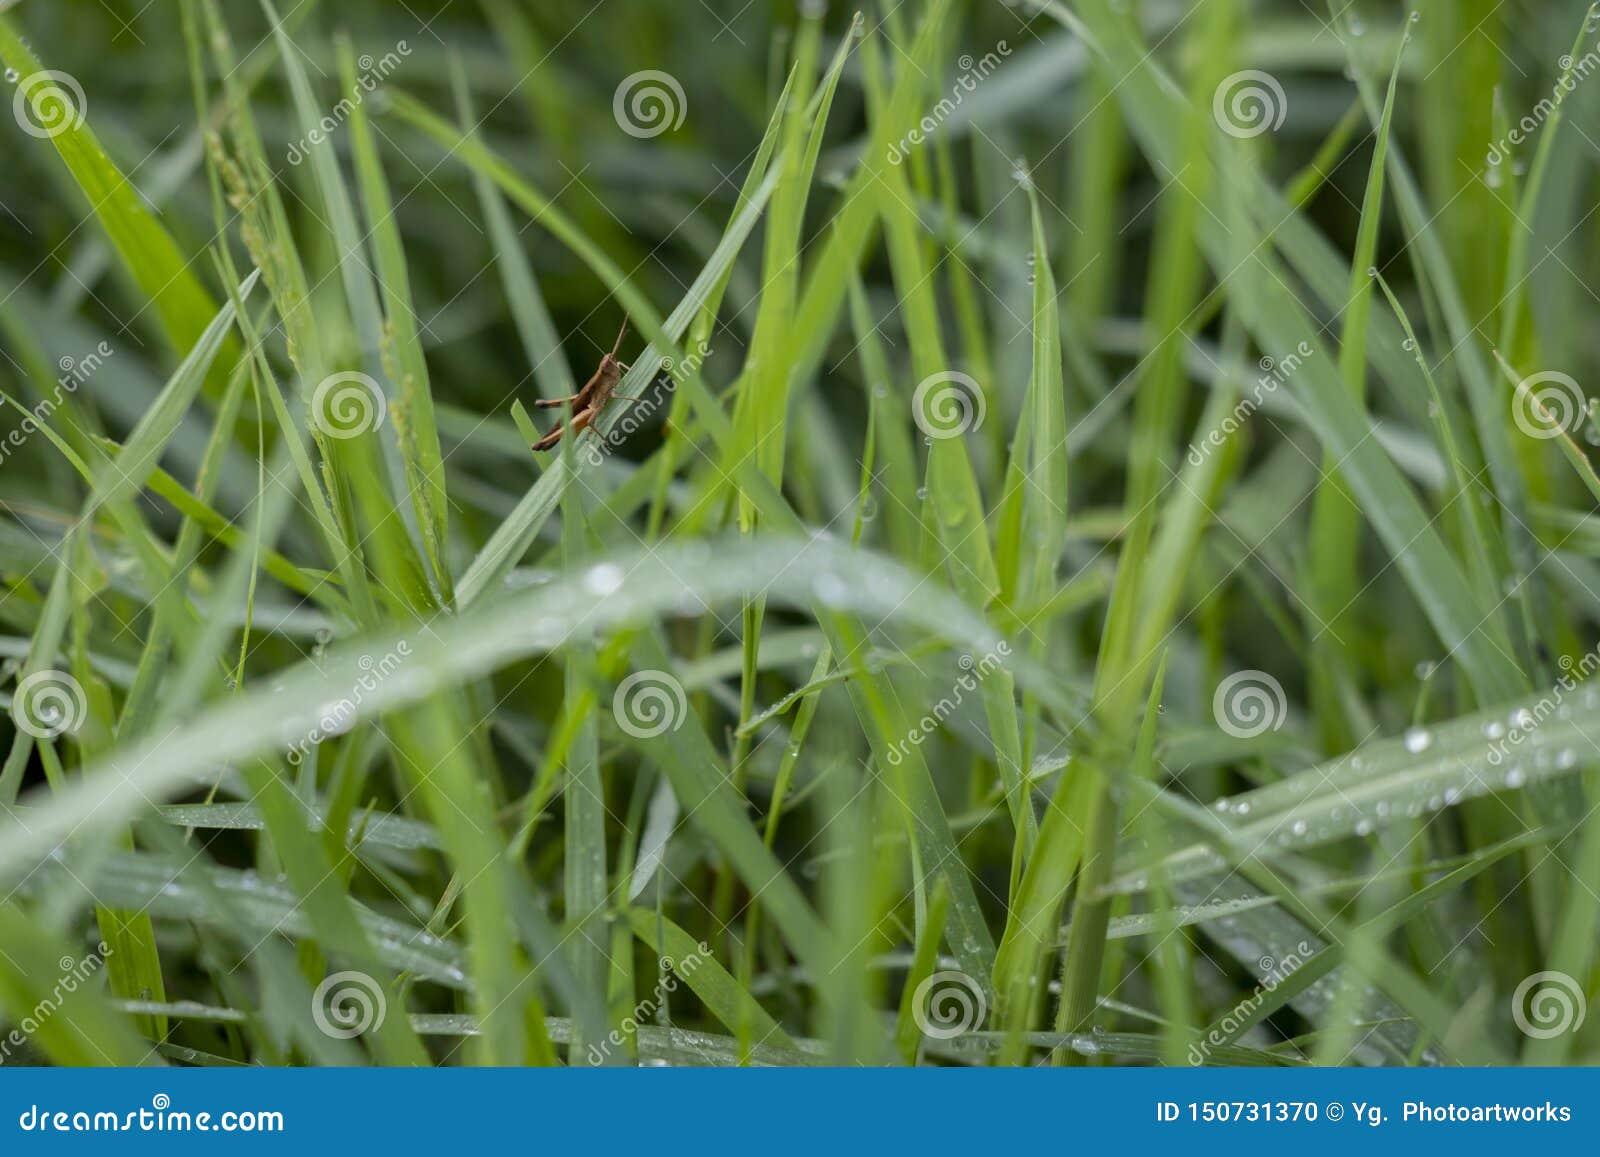 Hierba verde fresca con el saltamontes en la hoja